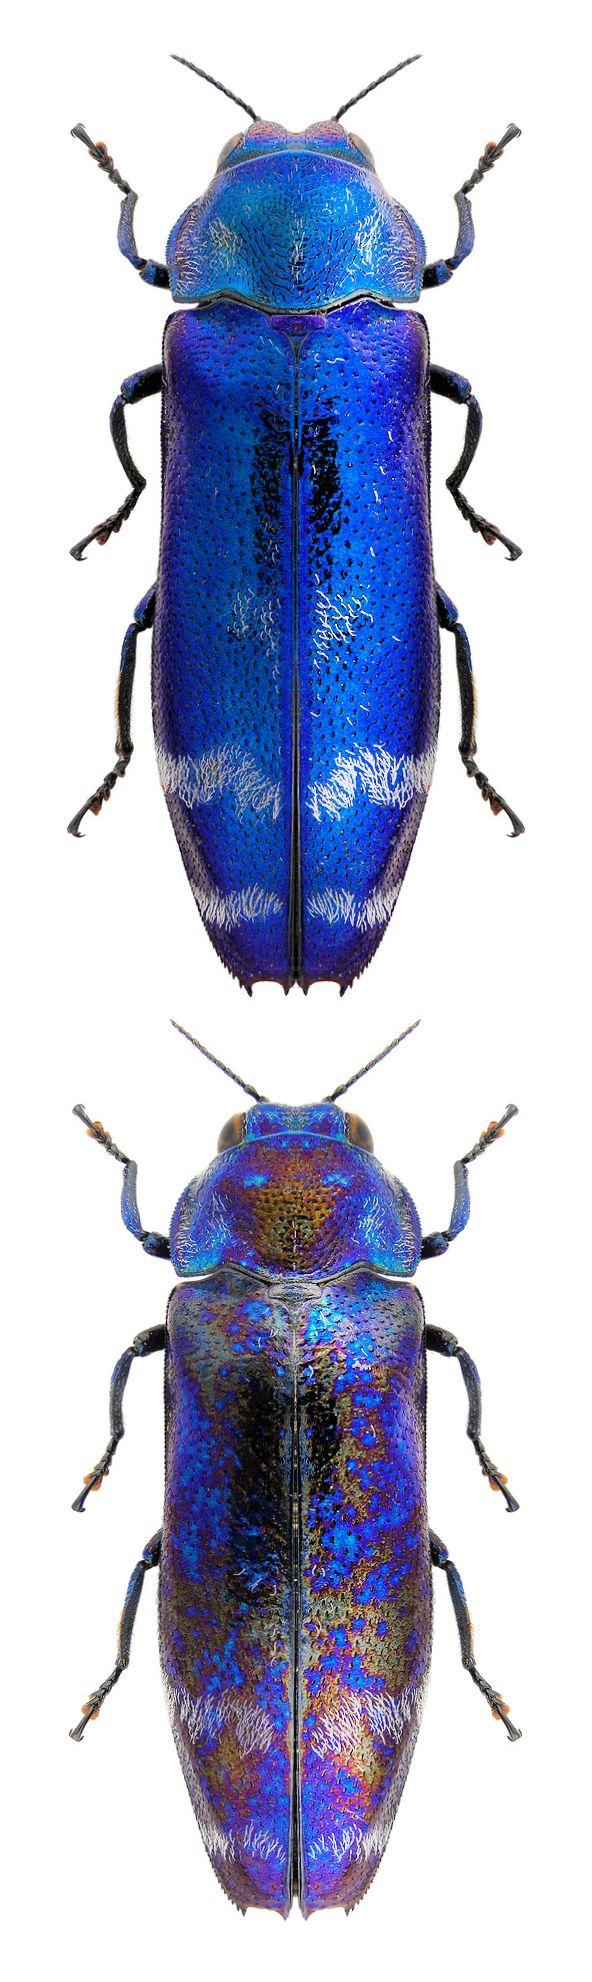 Coraebus nipponicus